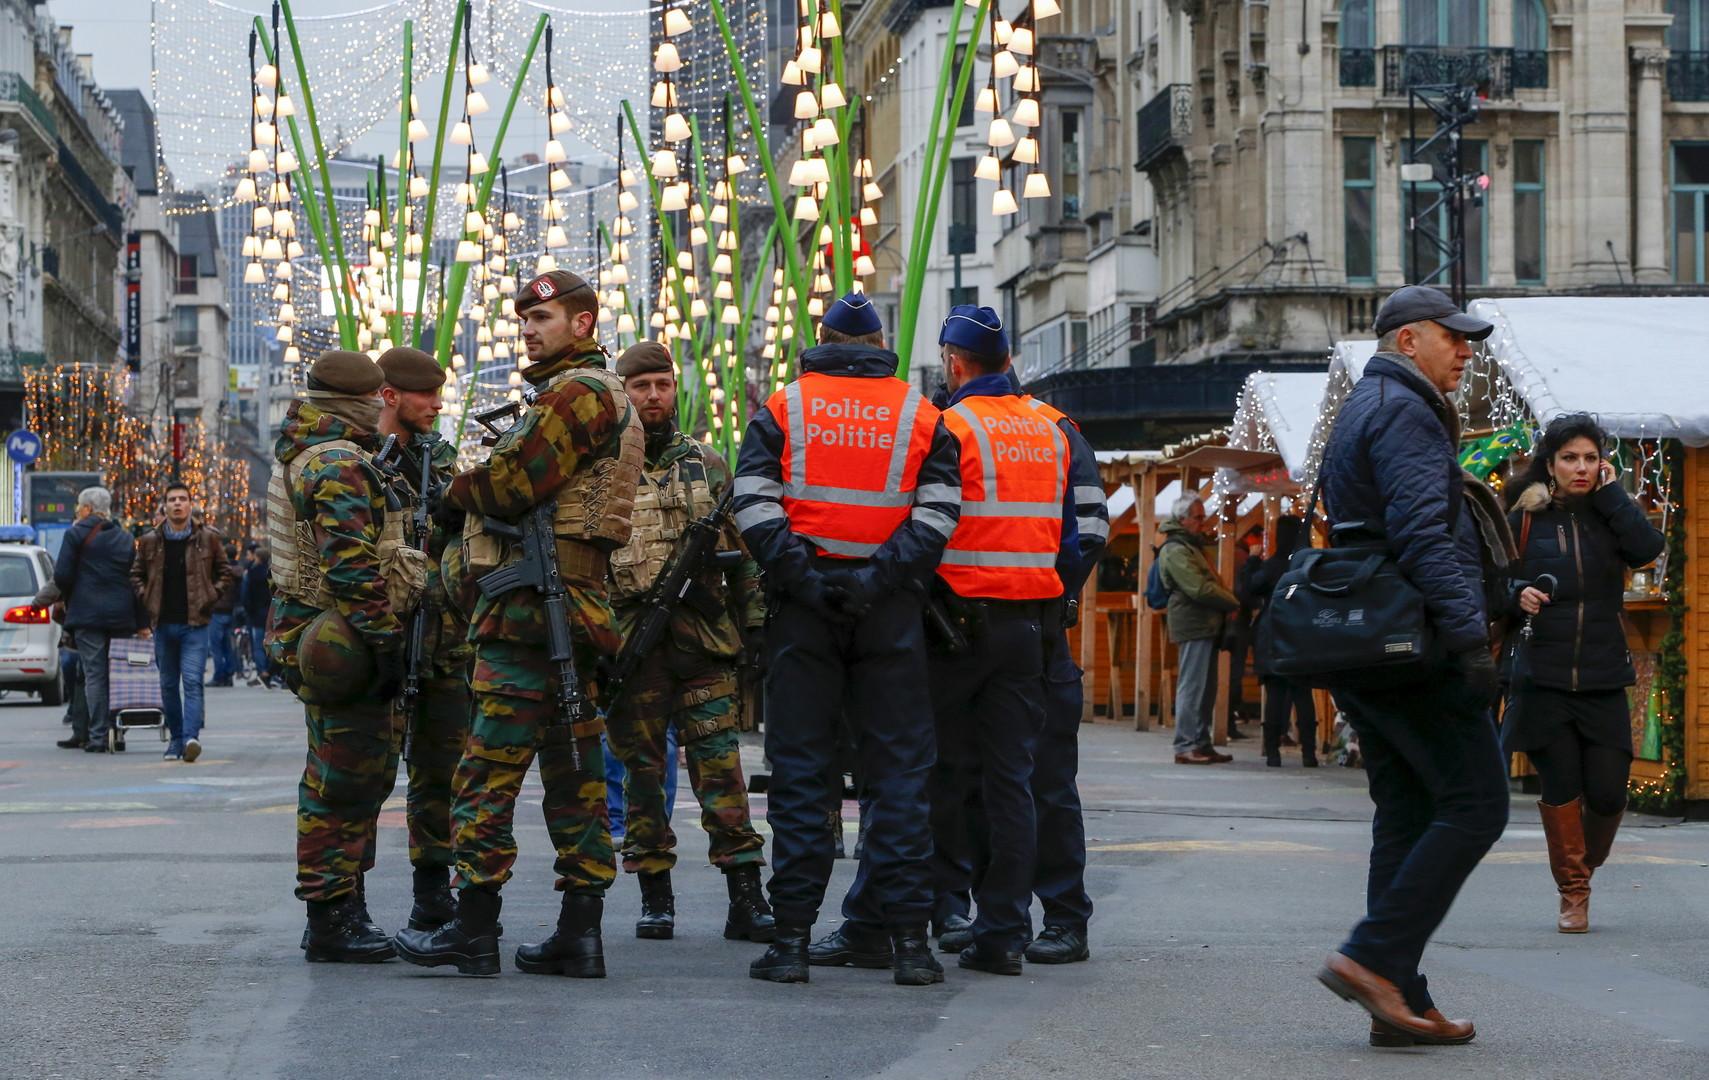 Verrouillée pendant plusieurs jours, Bruxelles a été durement touchée